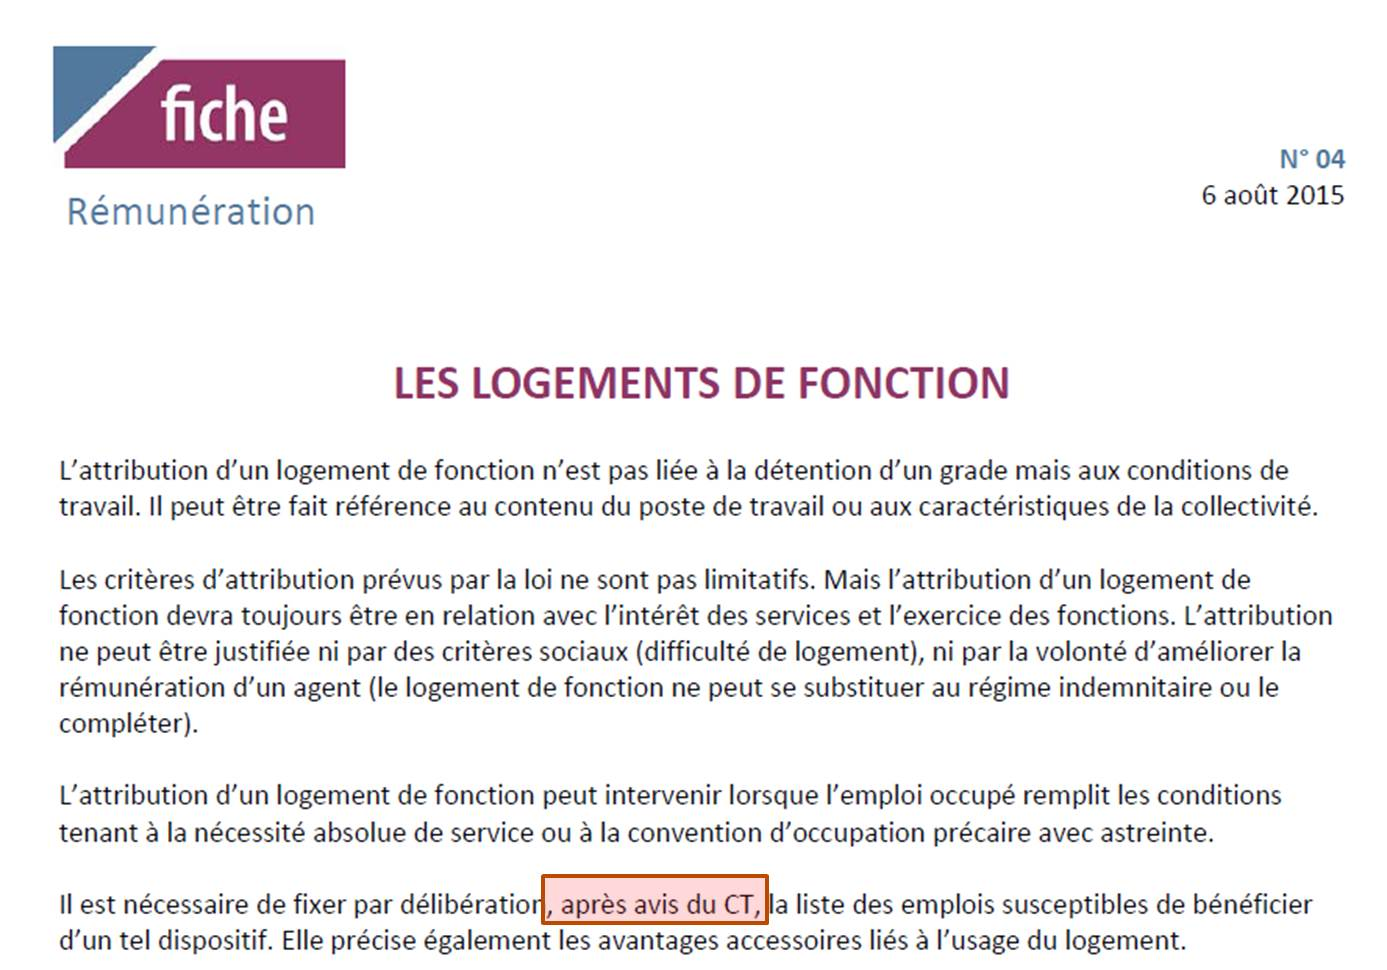 Logement De Fonction Du Futur Dgs Illegal Sur La Forme Immoral